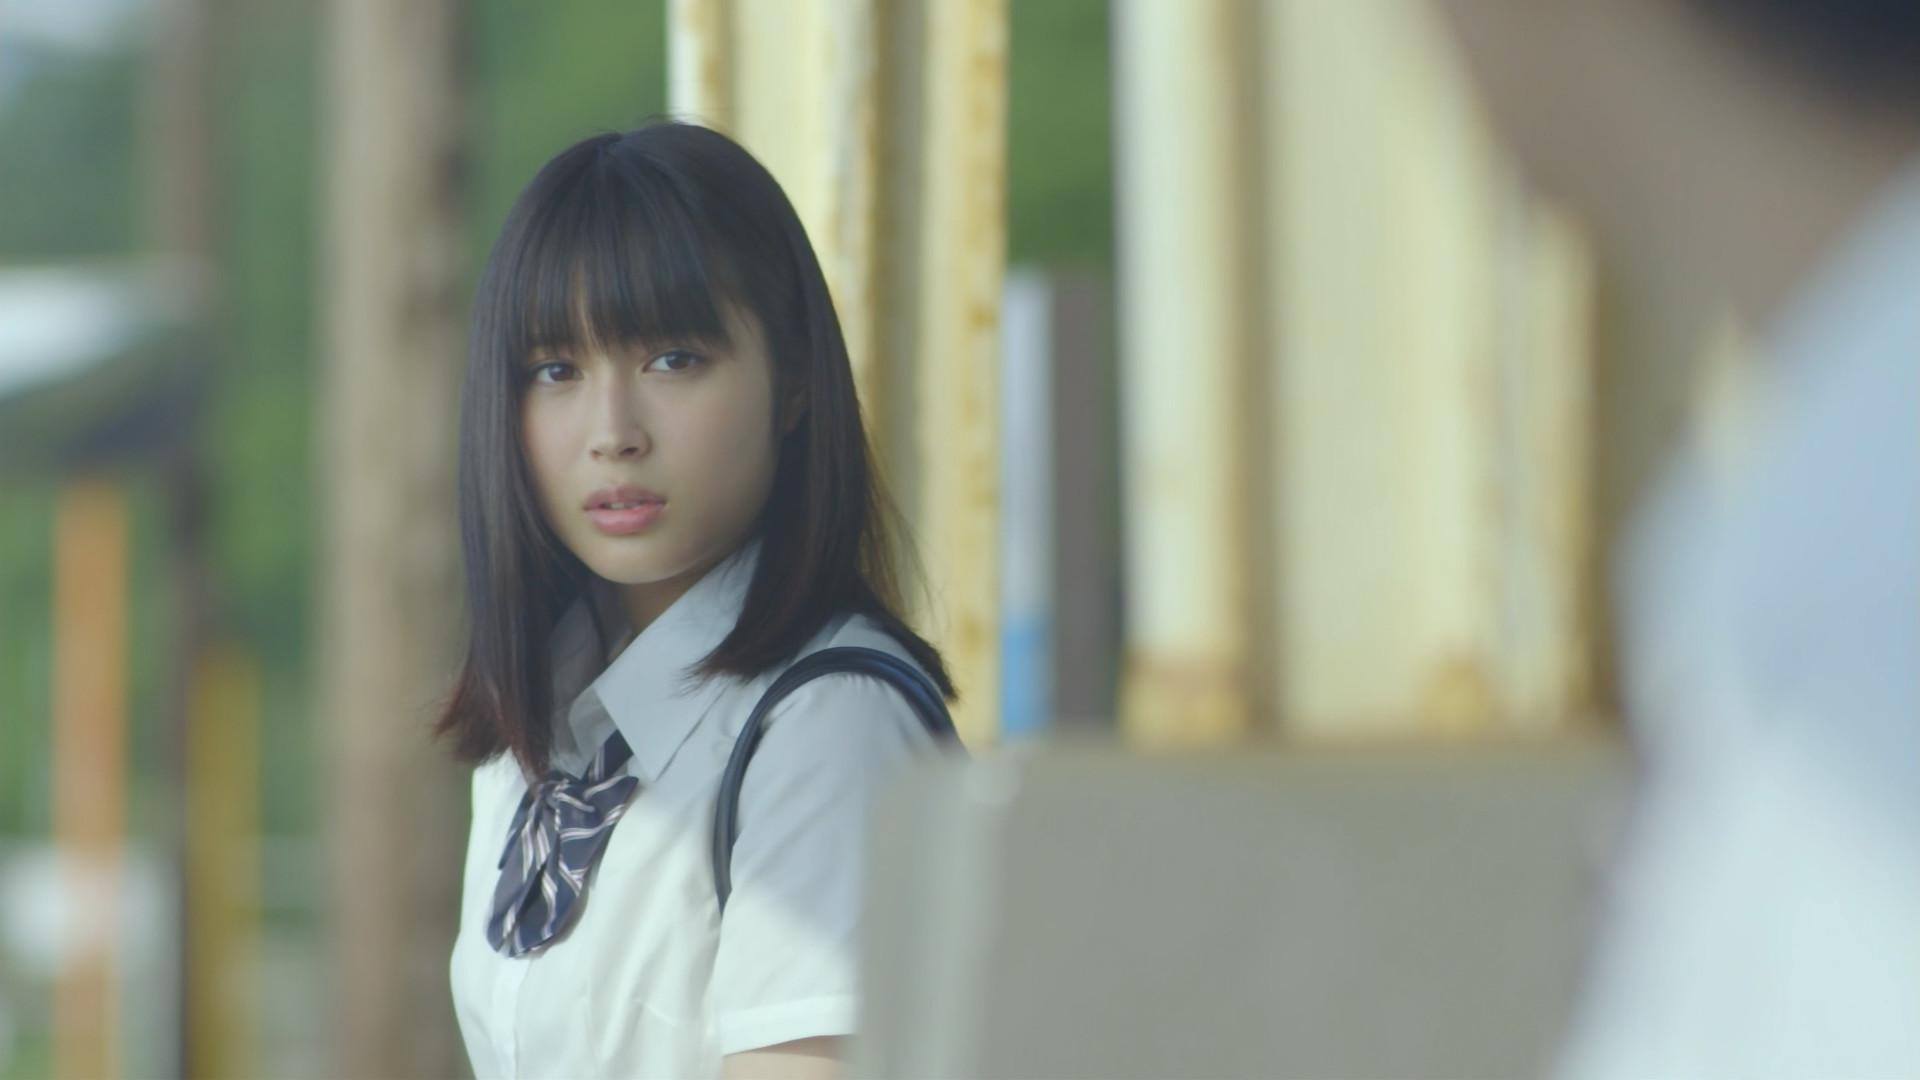 お姉ちゃんだってかわいい】話題の女優、広瀬アリスの髪型を網羅